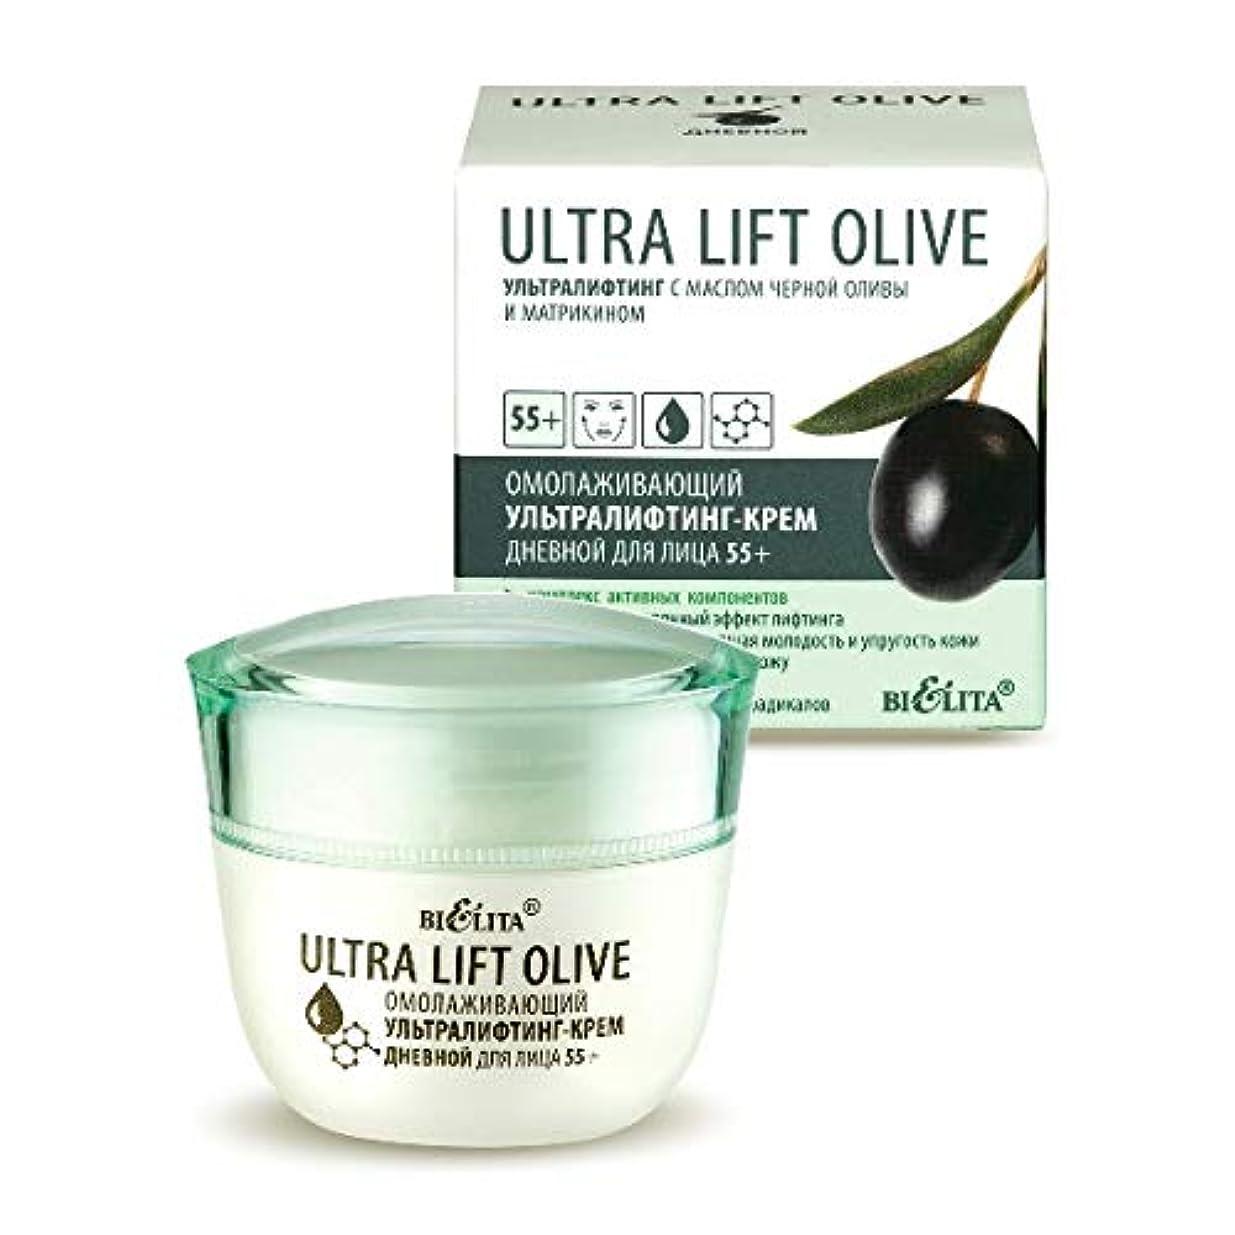 獲物船外暗殺者Bielita & Vitex | Ultra lift olive | Face Lift Cream daytime ultralighting-face cream 55+ | reduces wrinkles and skin elasticity